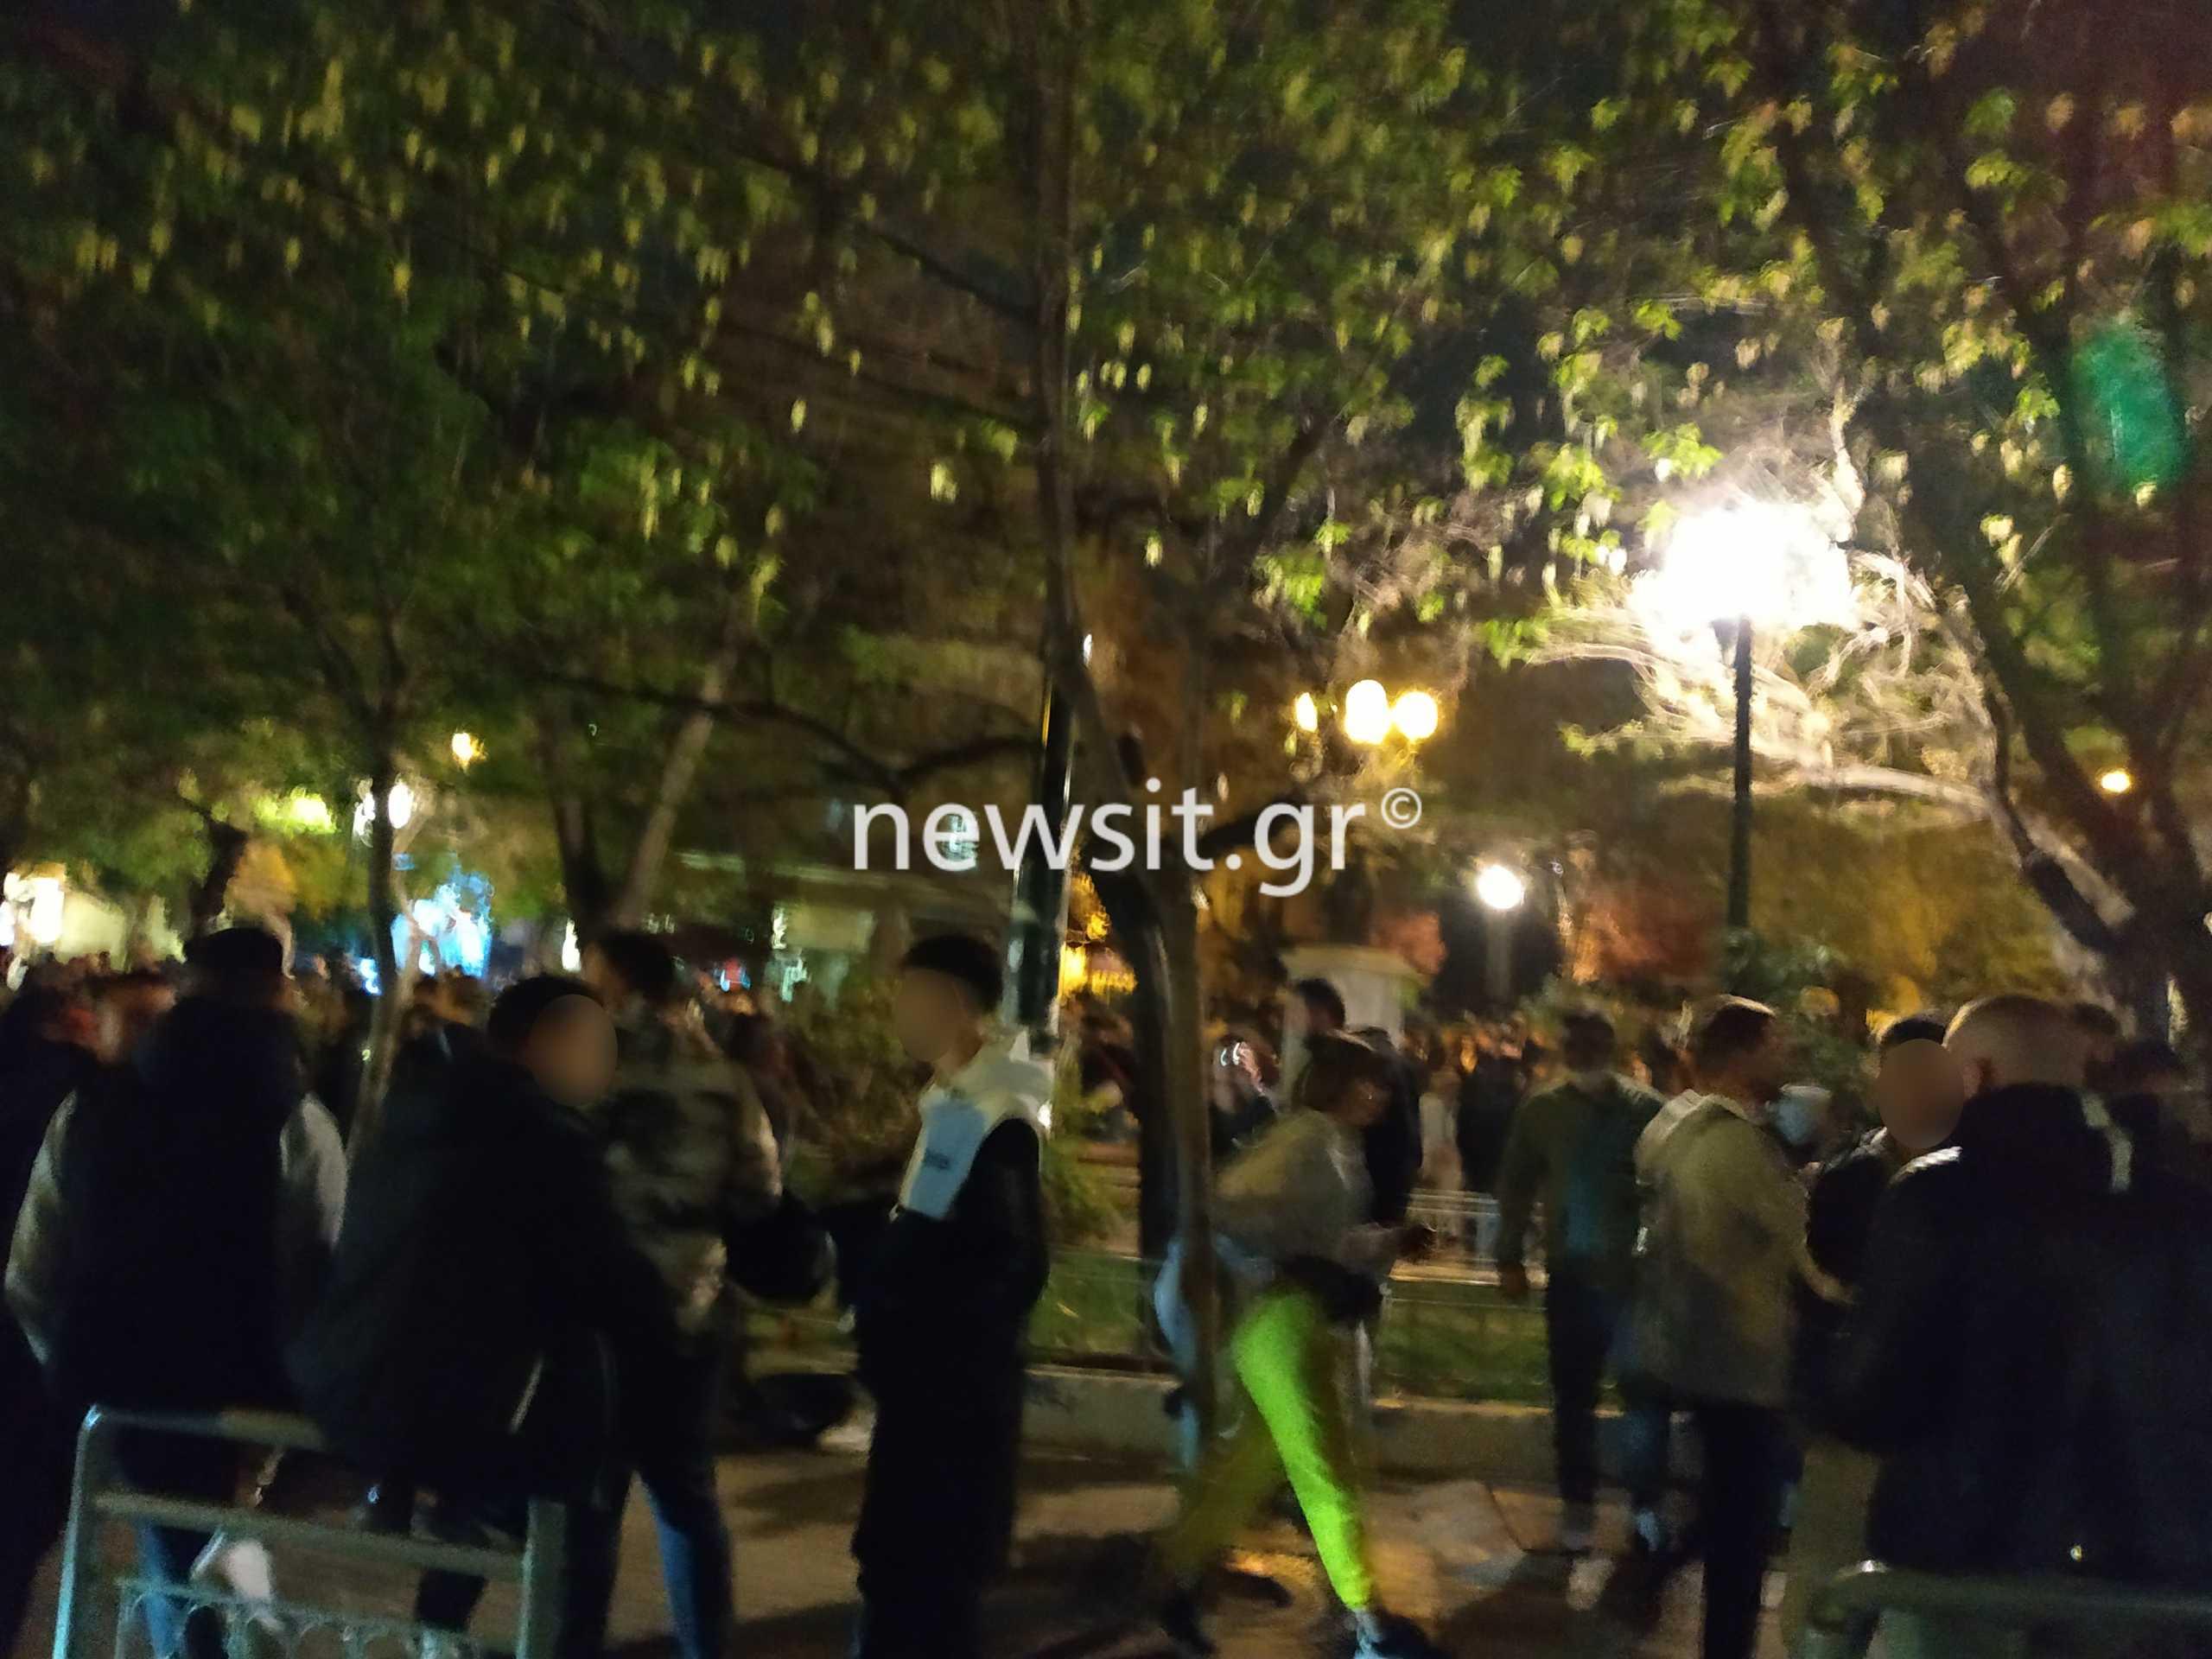 Αμετανόητοι: Πάλι έστησαν κορονοπάρτι στην Κυψέλη (video)